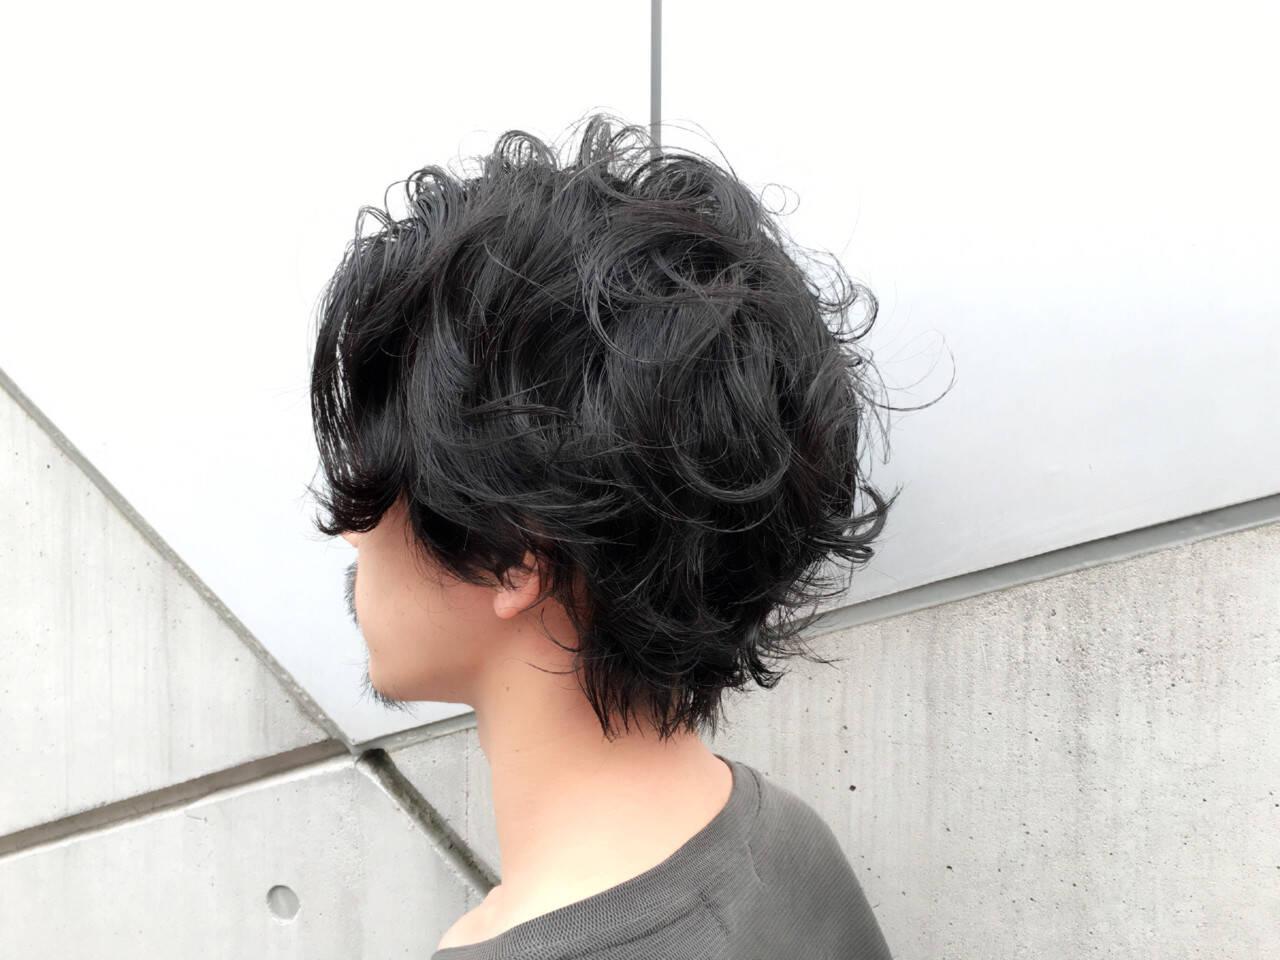 黒髪 ショート モテ髪 ミディアムヘアスタイルや髪型の写真・画像